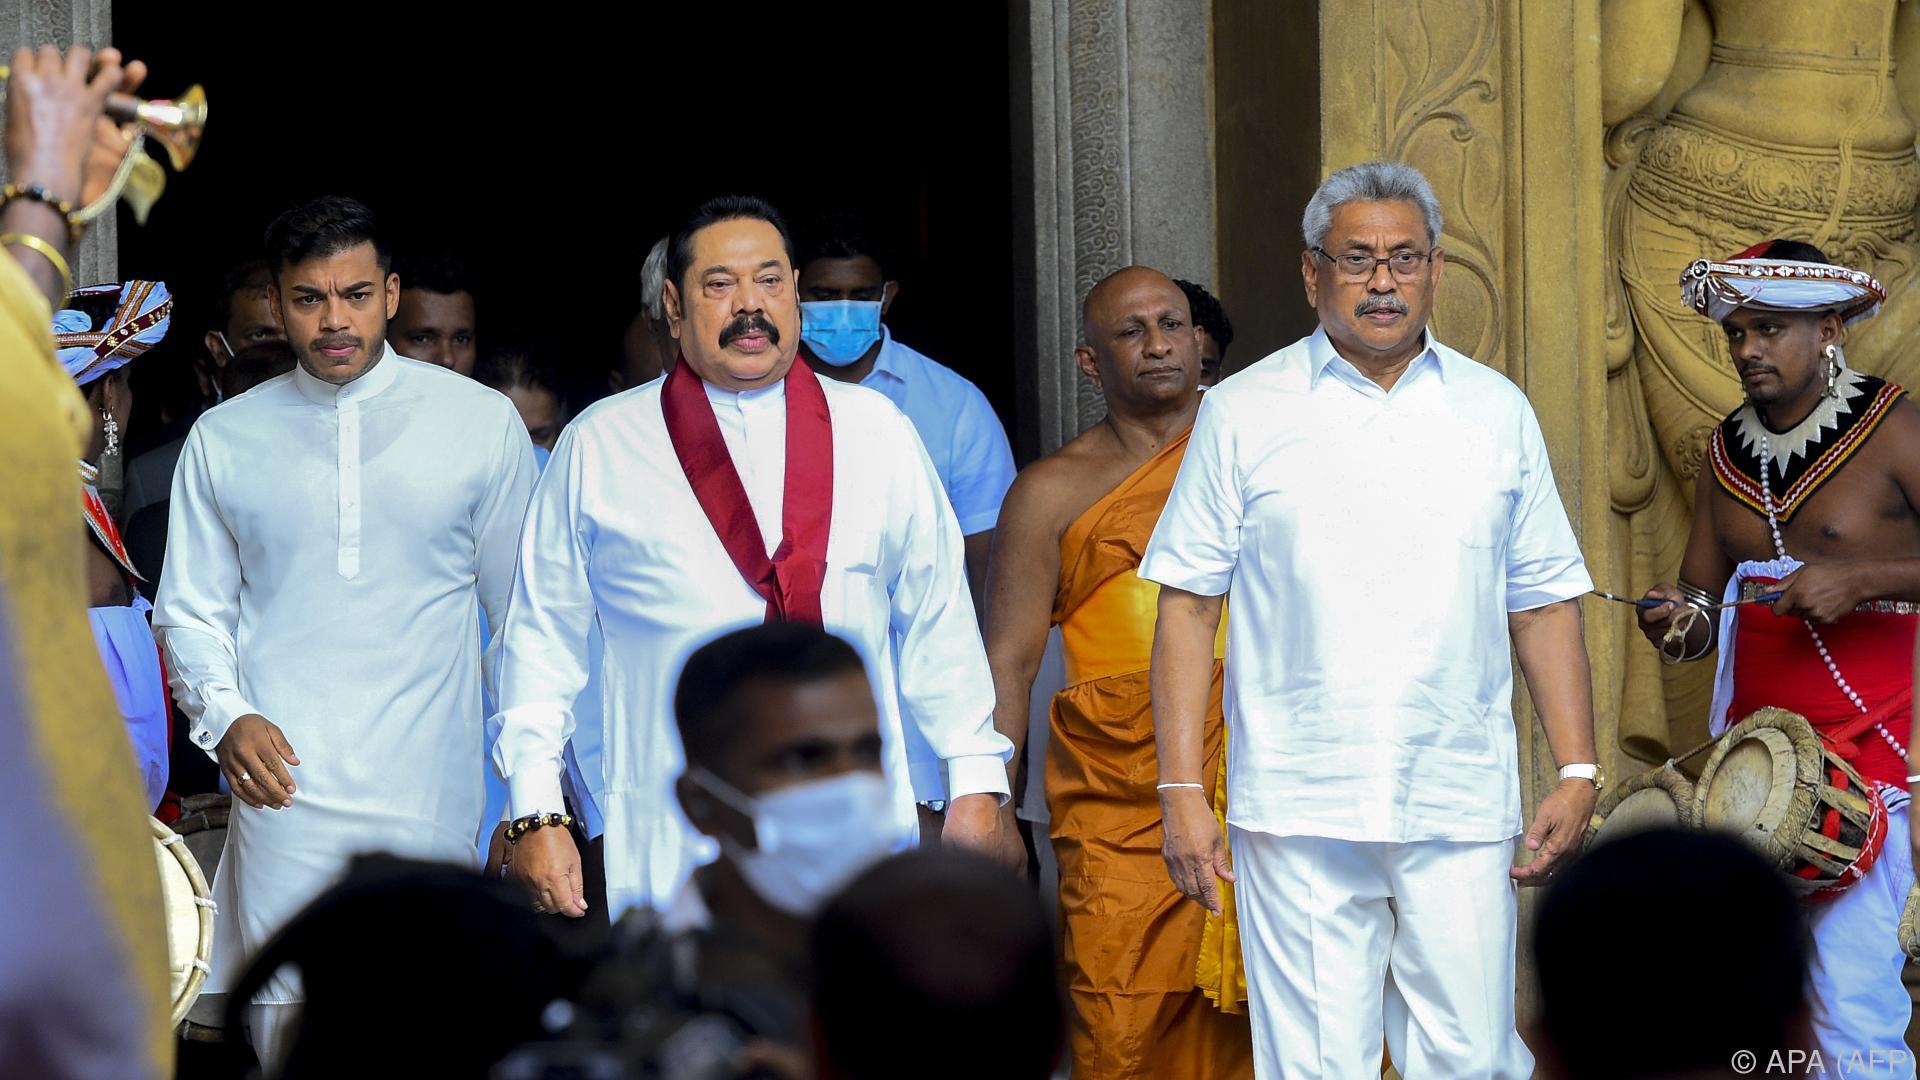 Präsidentenbruder neuer Ministerpräsident in Sri Lanka